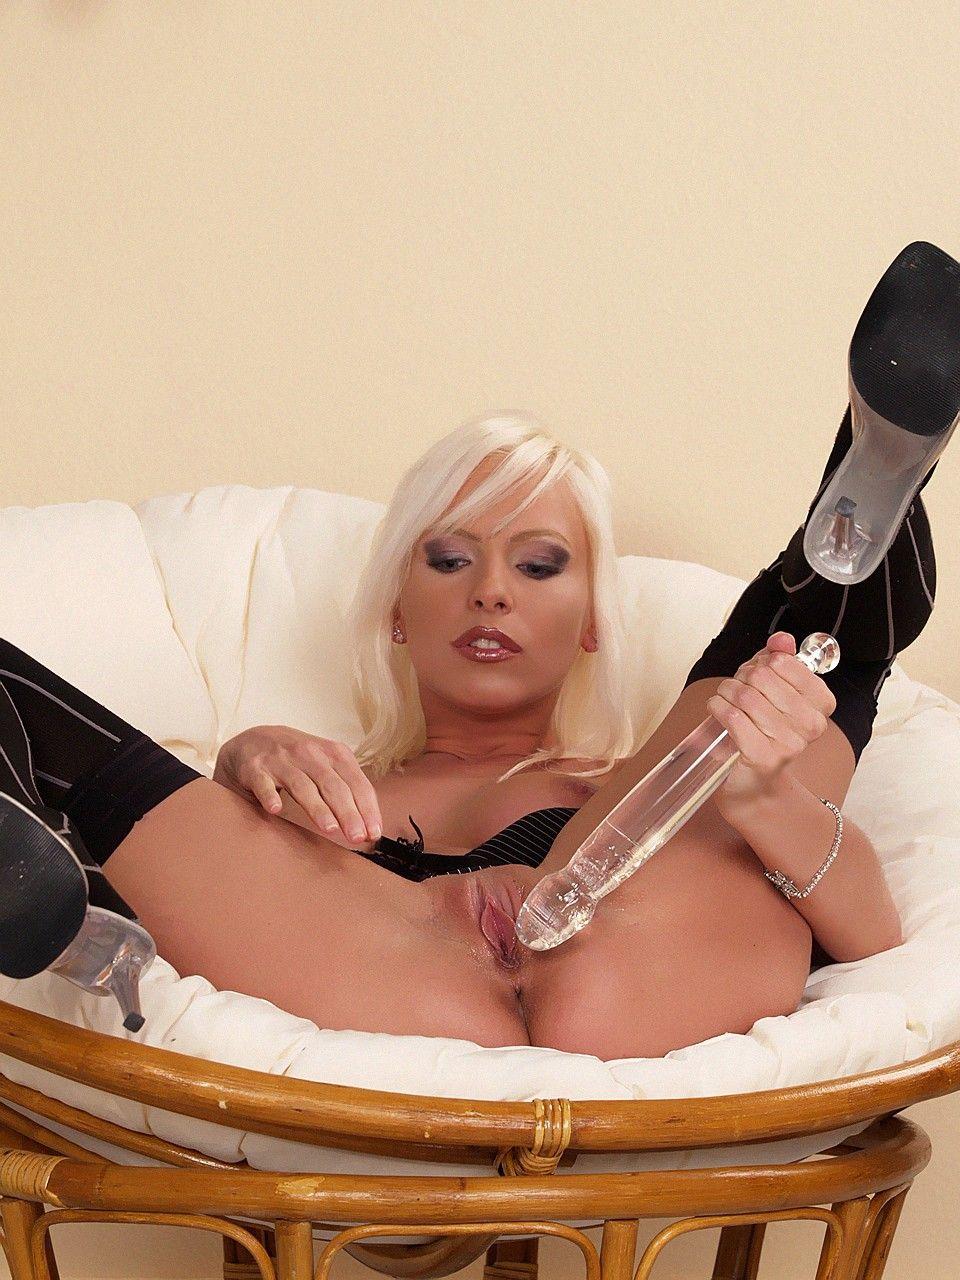 Шикарная блондинка Alexis сидит на комфортабельном стуле и дразнит свою сочную розовую писю стеклянным вибратором